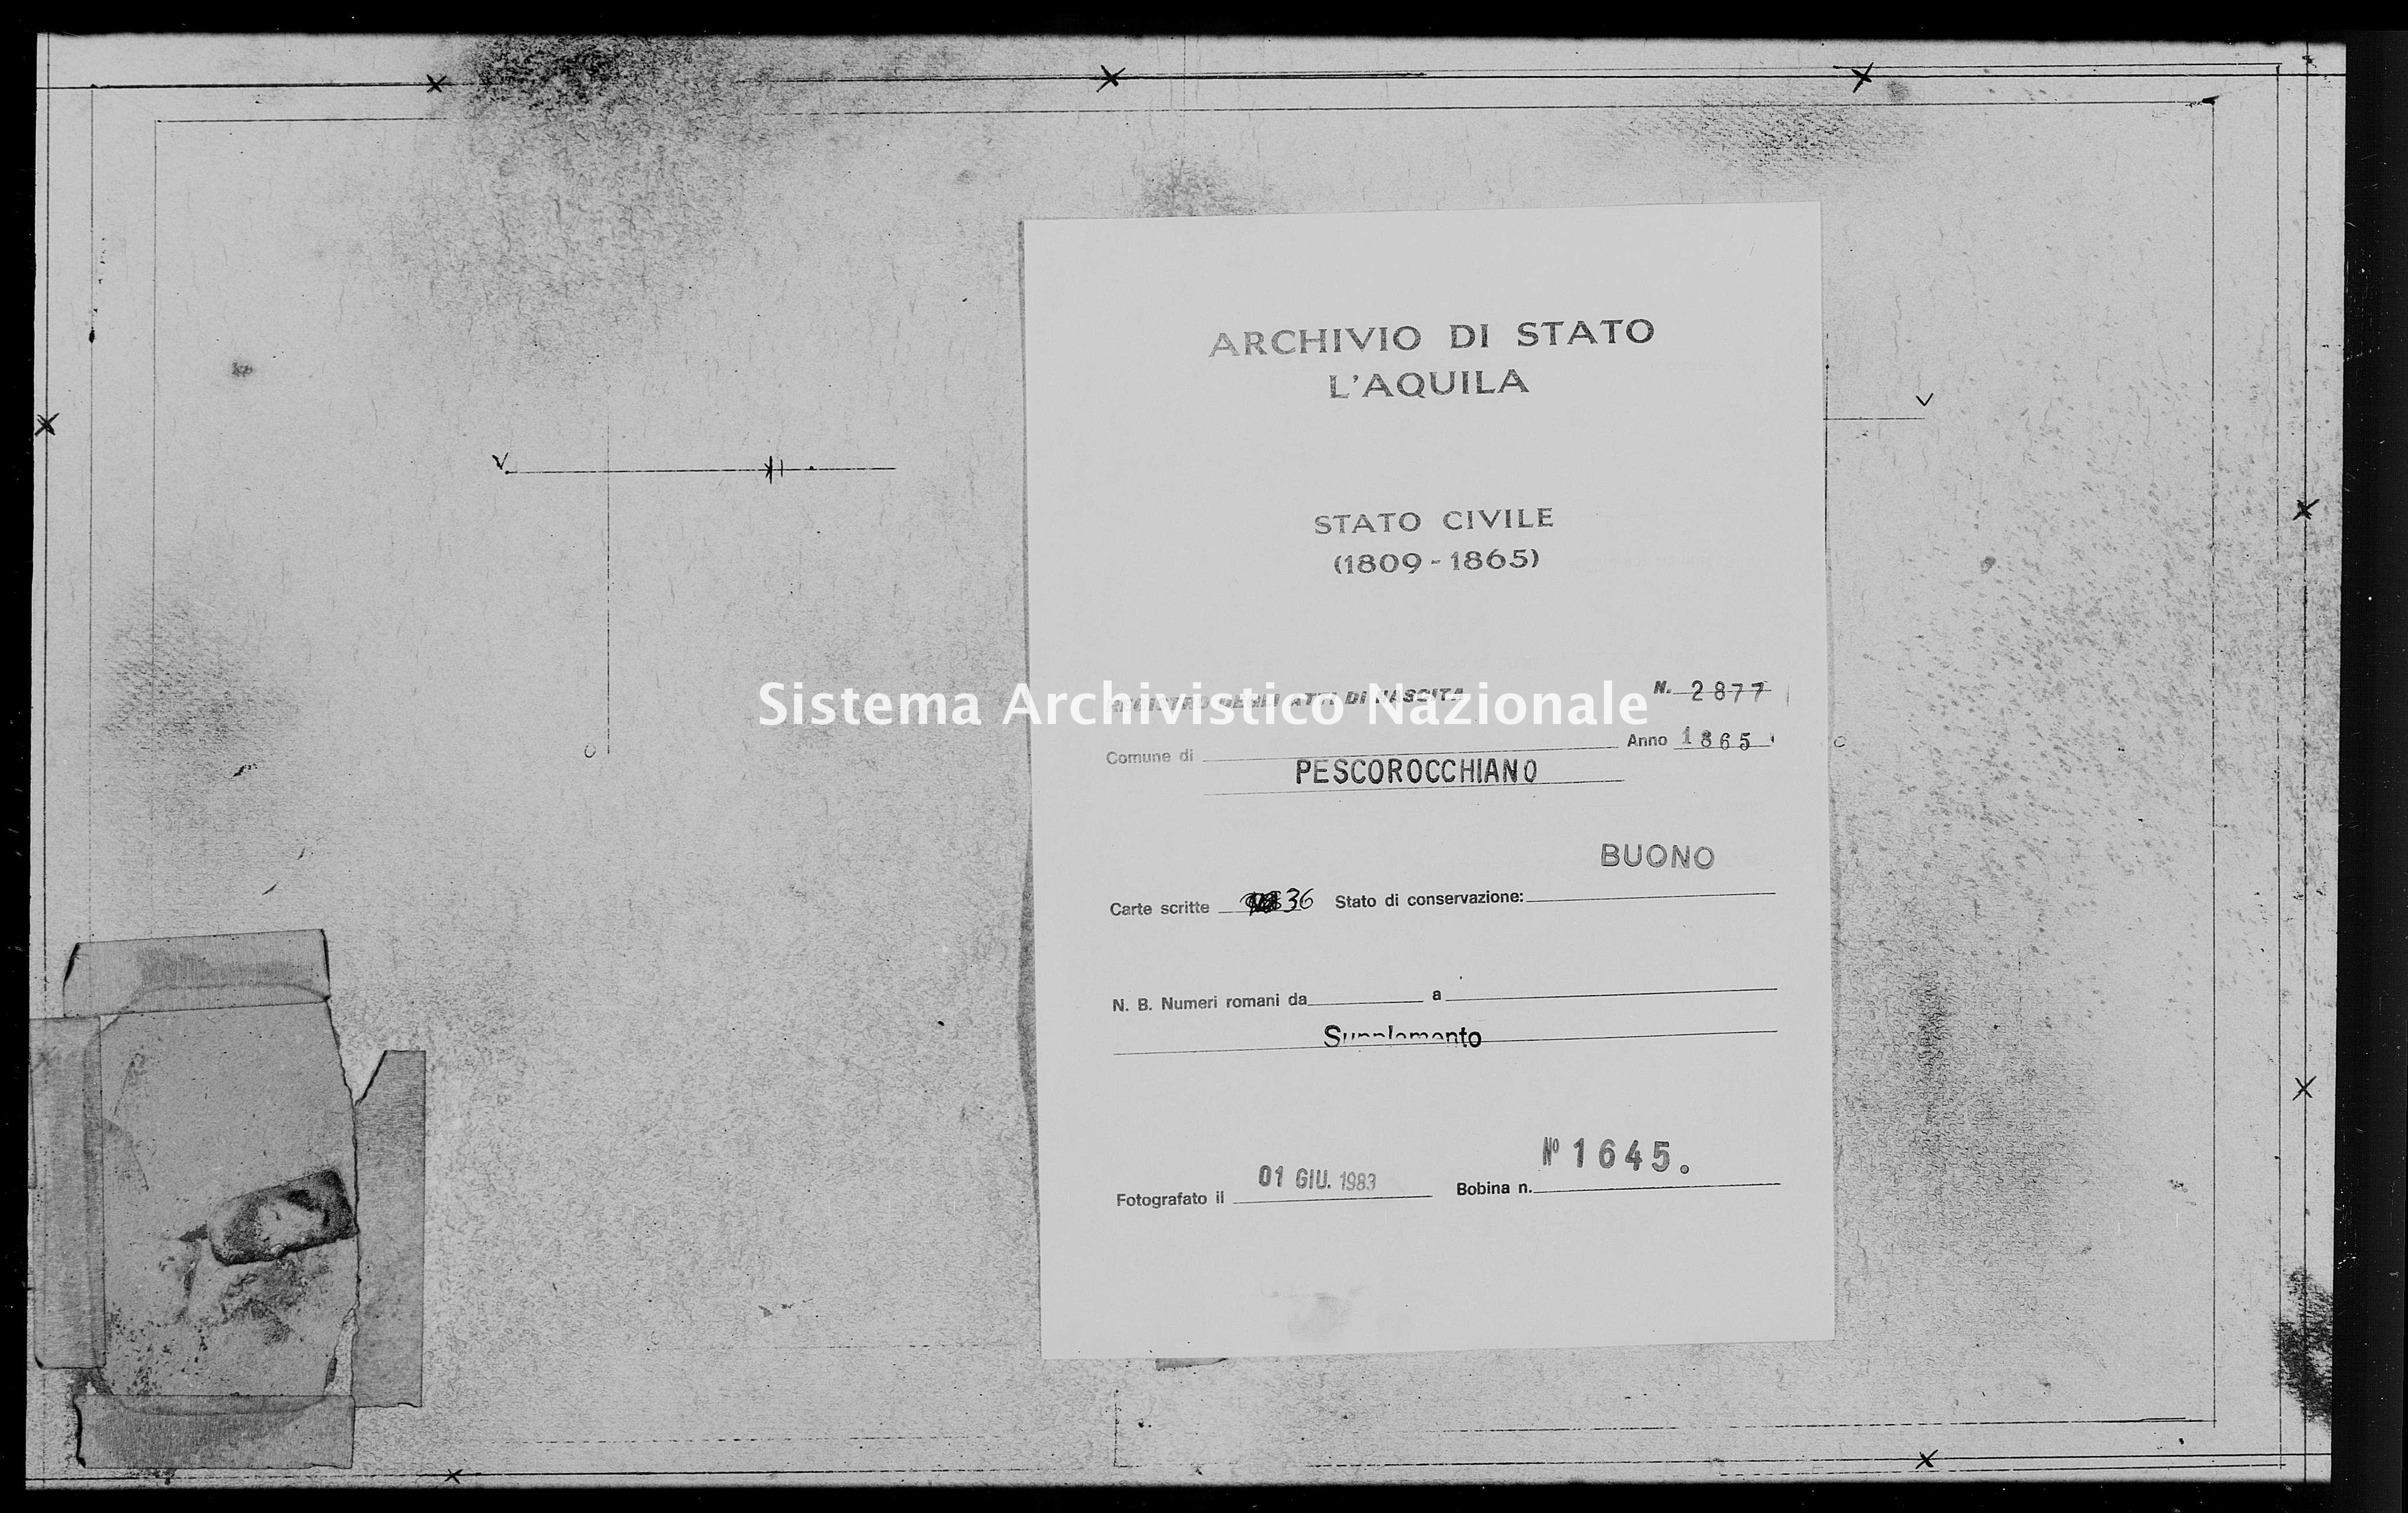 Archivio di stato di L'aquila - Stato civile italiano - Pescorocchiano - Nati, battesimi - 1865 - 2877 -